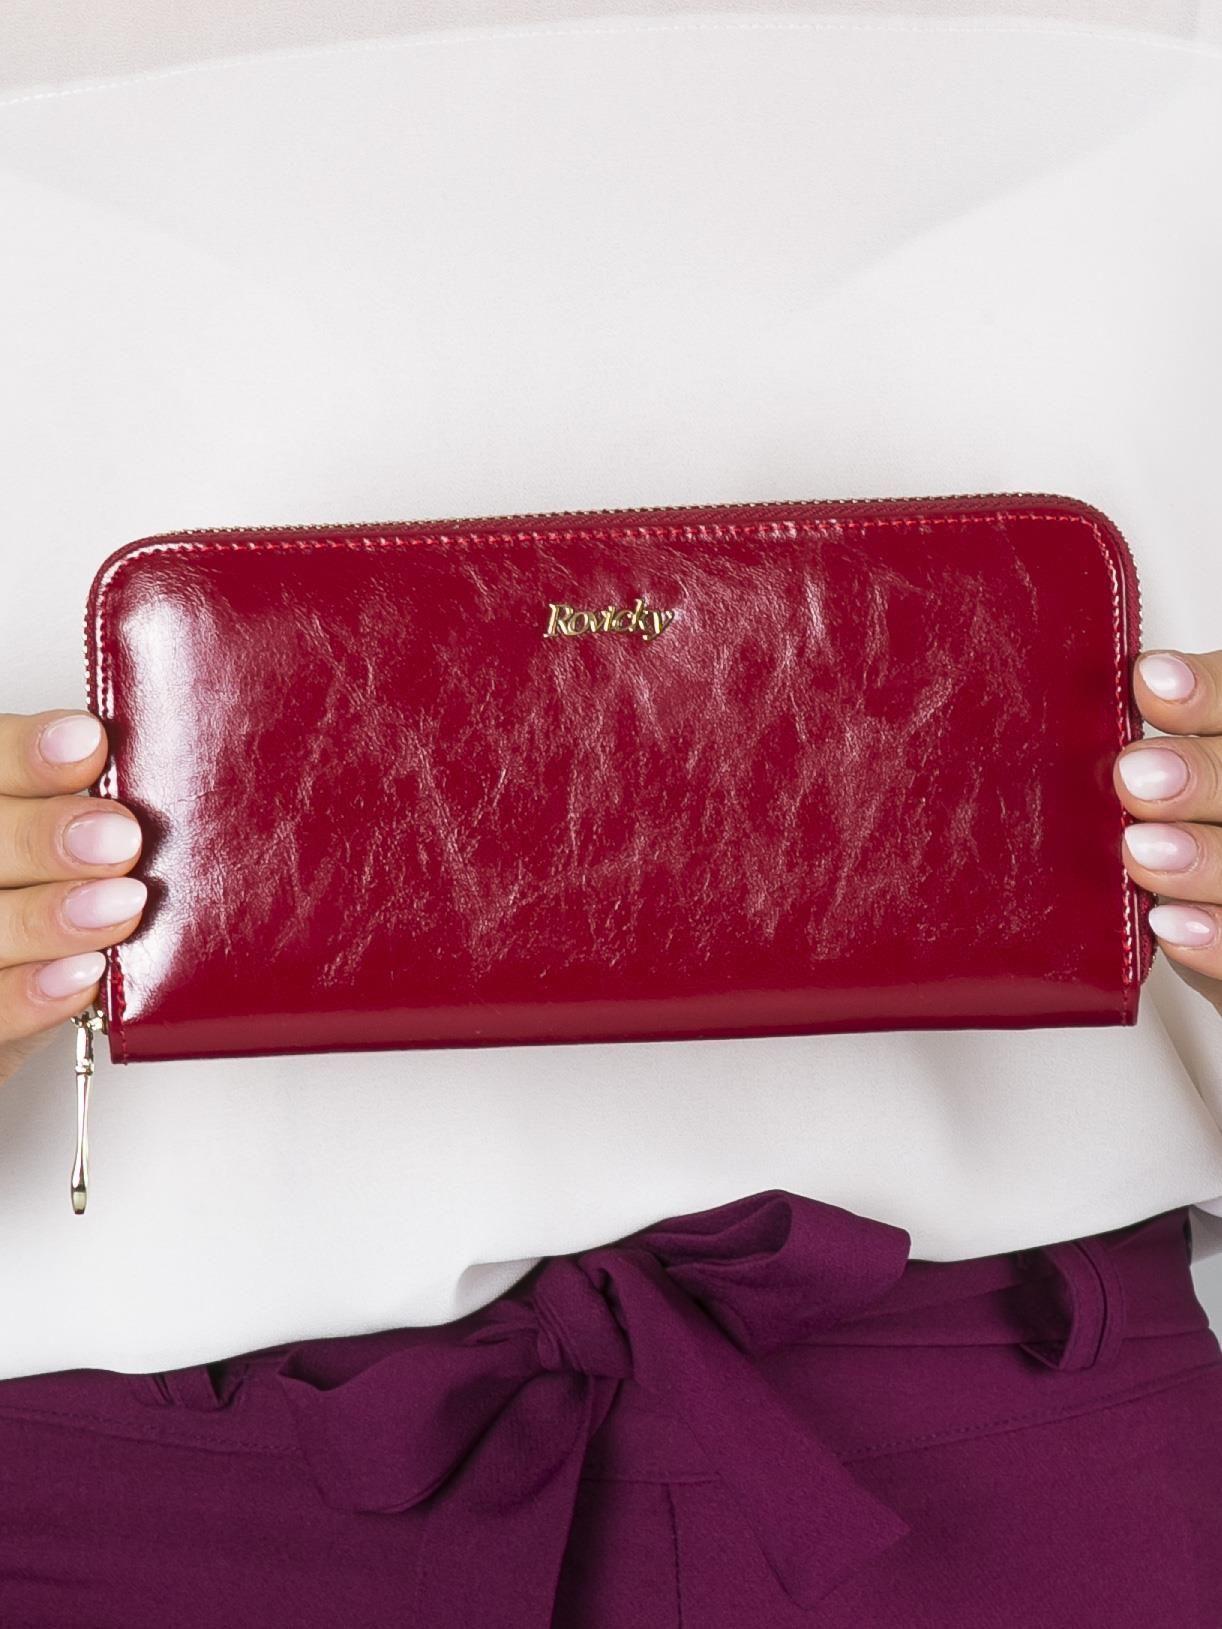 2f8971c7fa408 Podłużny damski portfel skórzany czerwony - Akcesoria portfele - sklep  eButik.pl